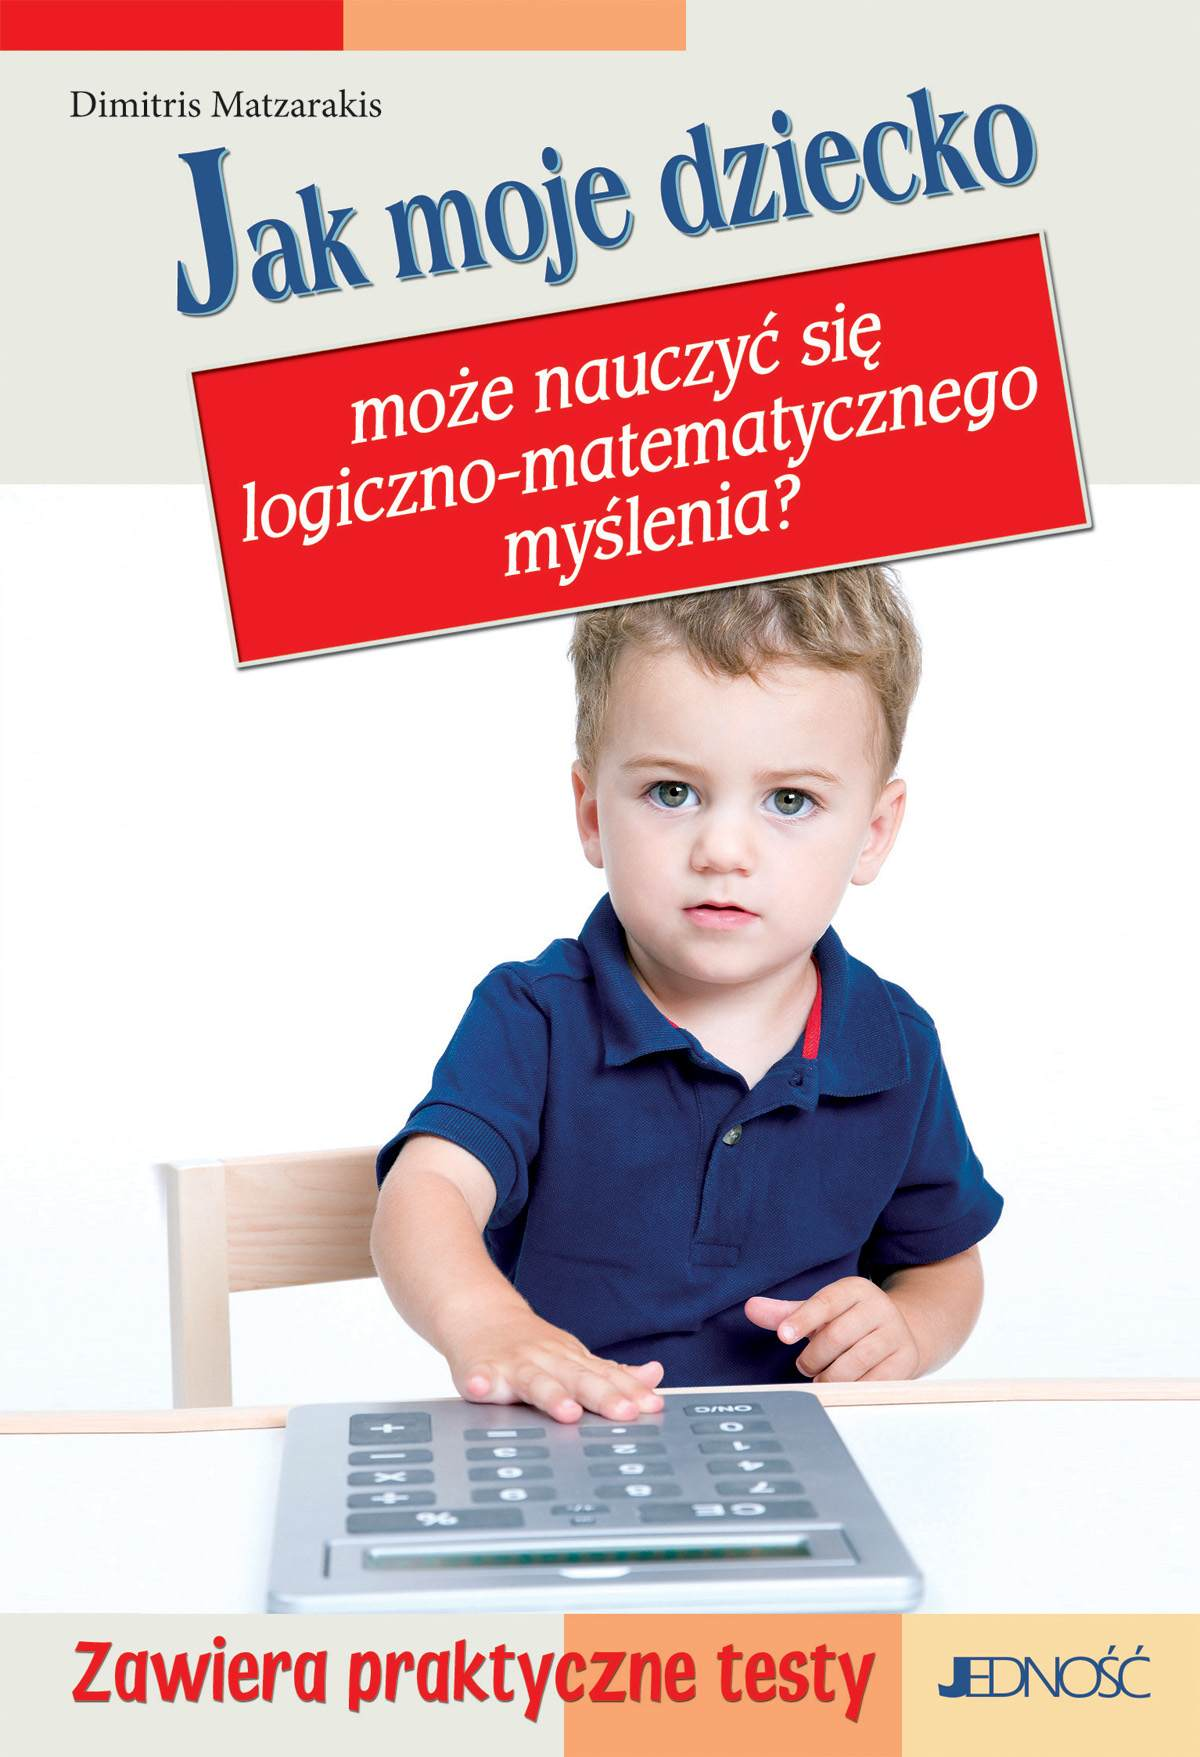 Jak moje dziecko może nauczyć się logiczno-matematycznego myślenia? - Ebook (Książka PDF) do pobrania w formacie PDF